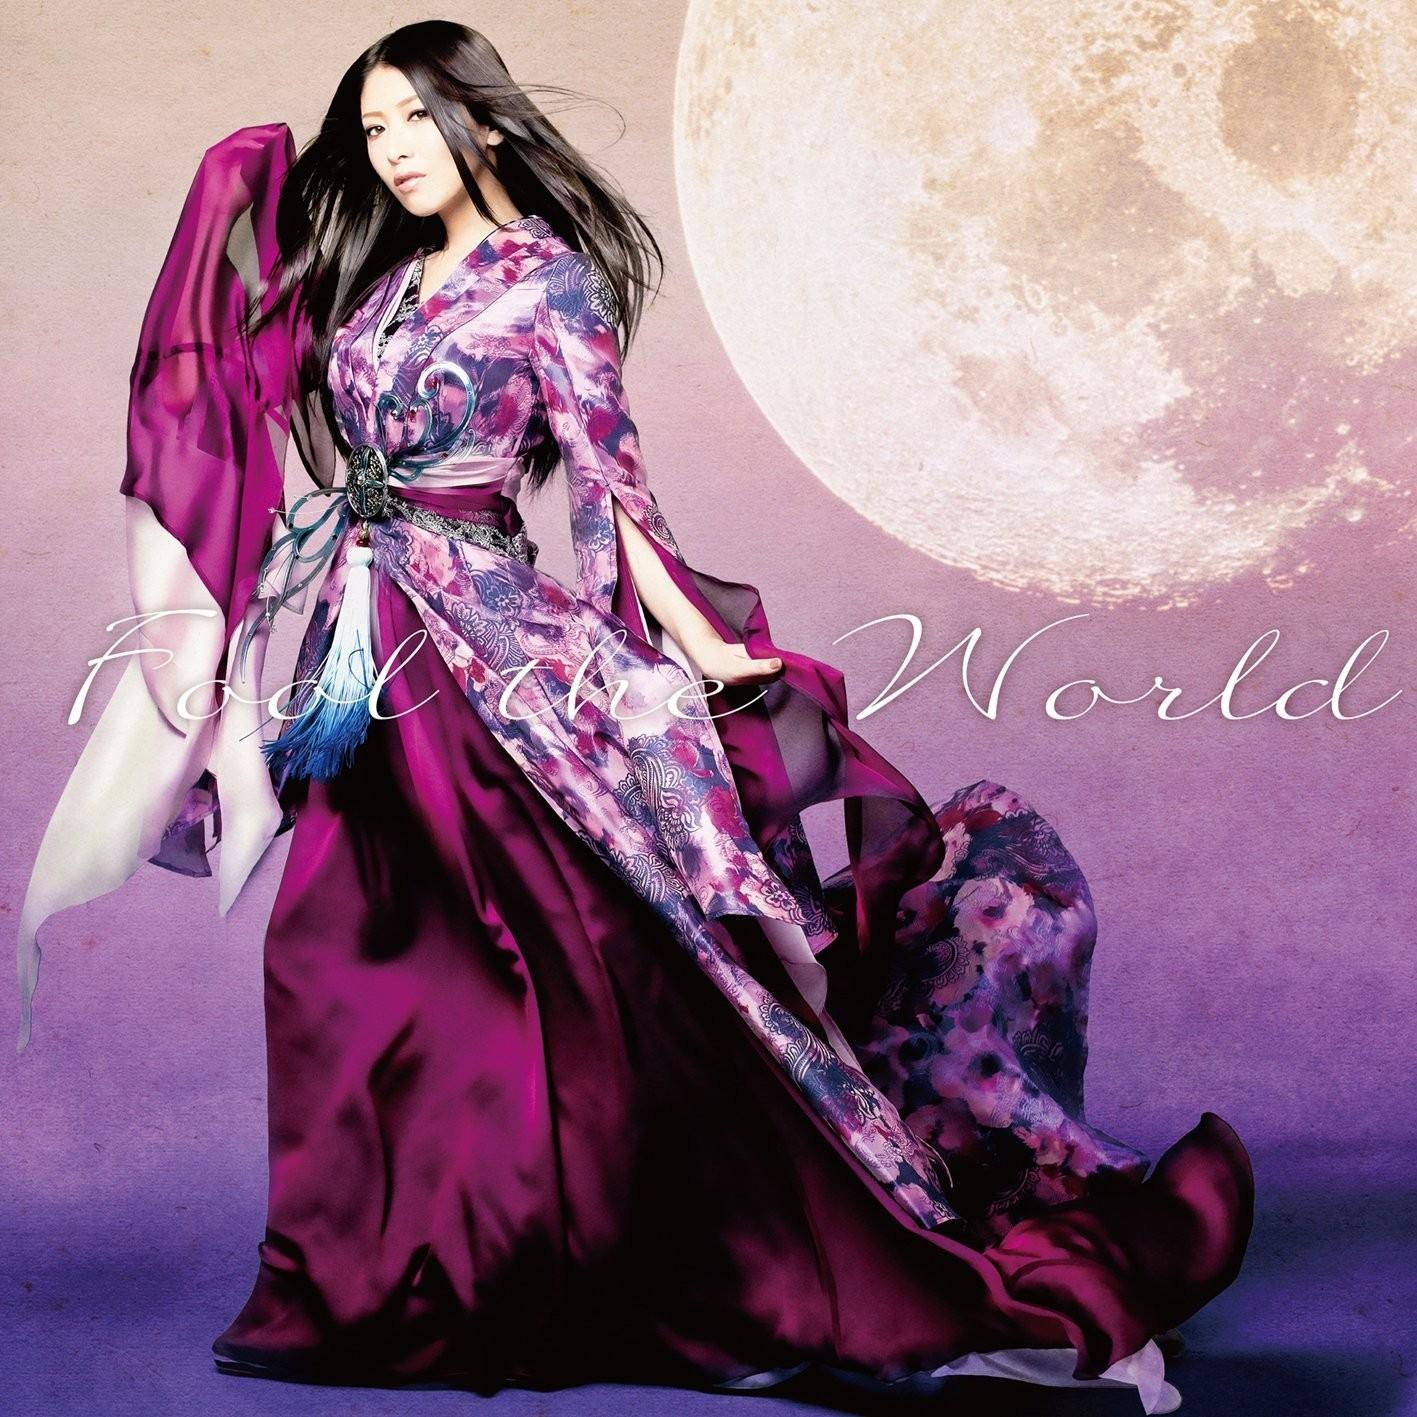 20151112.05.08 Minori Chihara - Fool the World cover 2.jpg